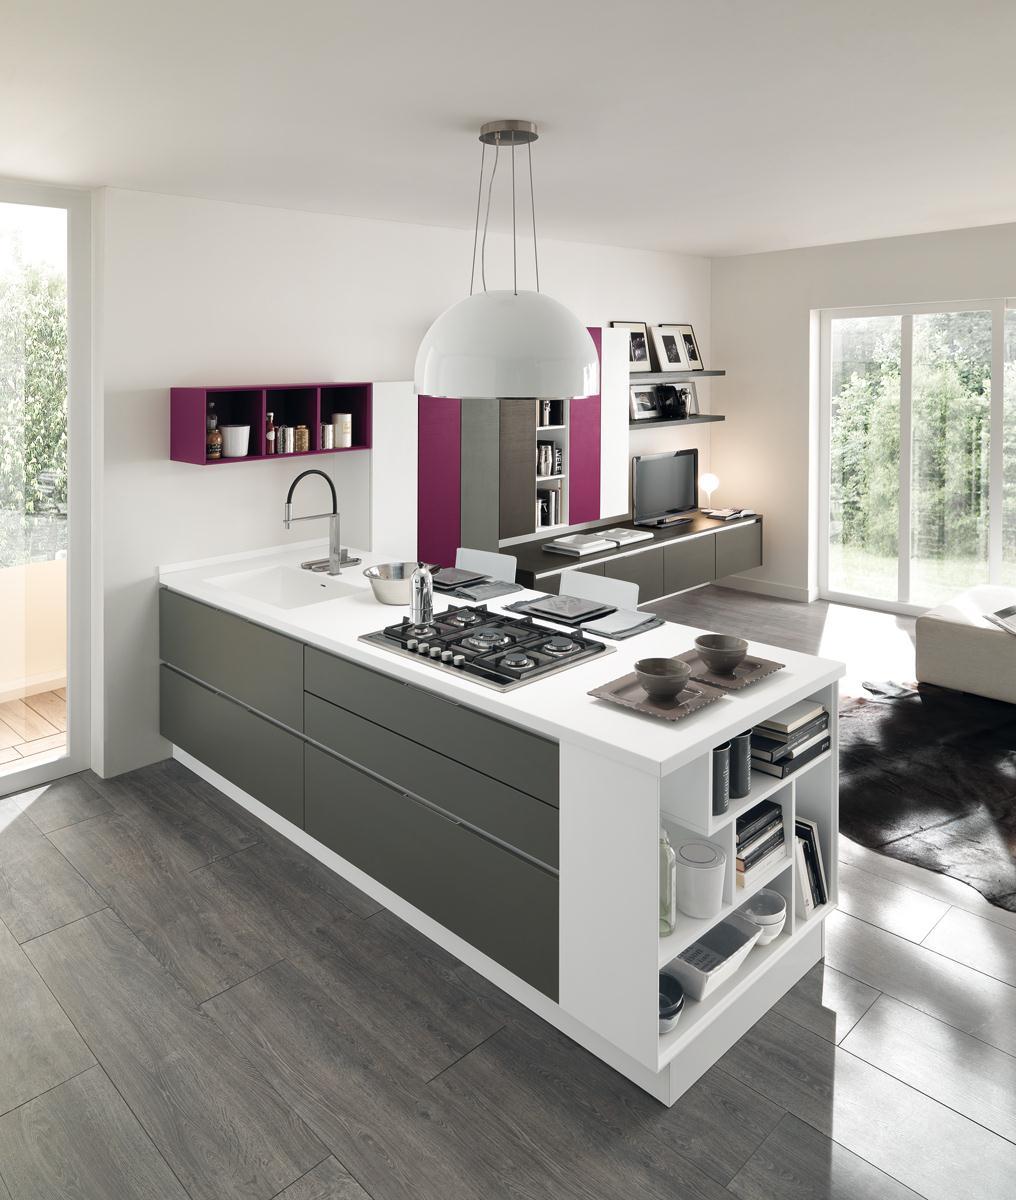 Cucina lube essenza grigiotitanio colori arredamenti papa a comerio va - Marche cucine buone ...